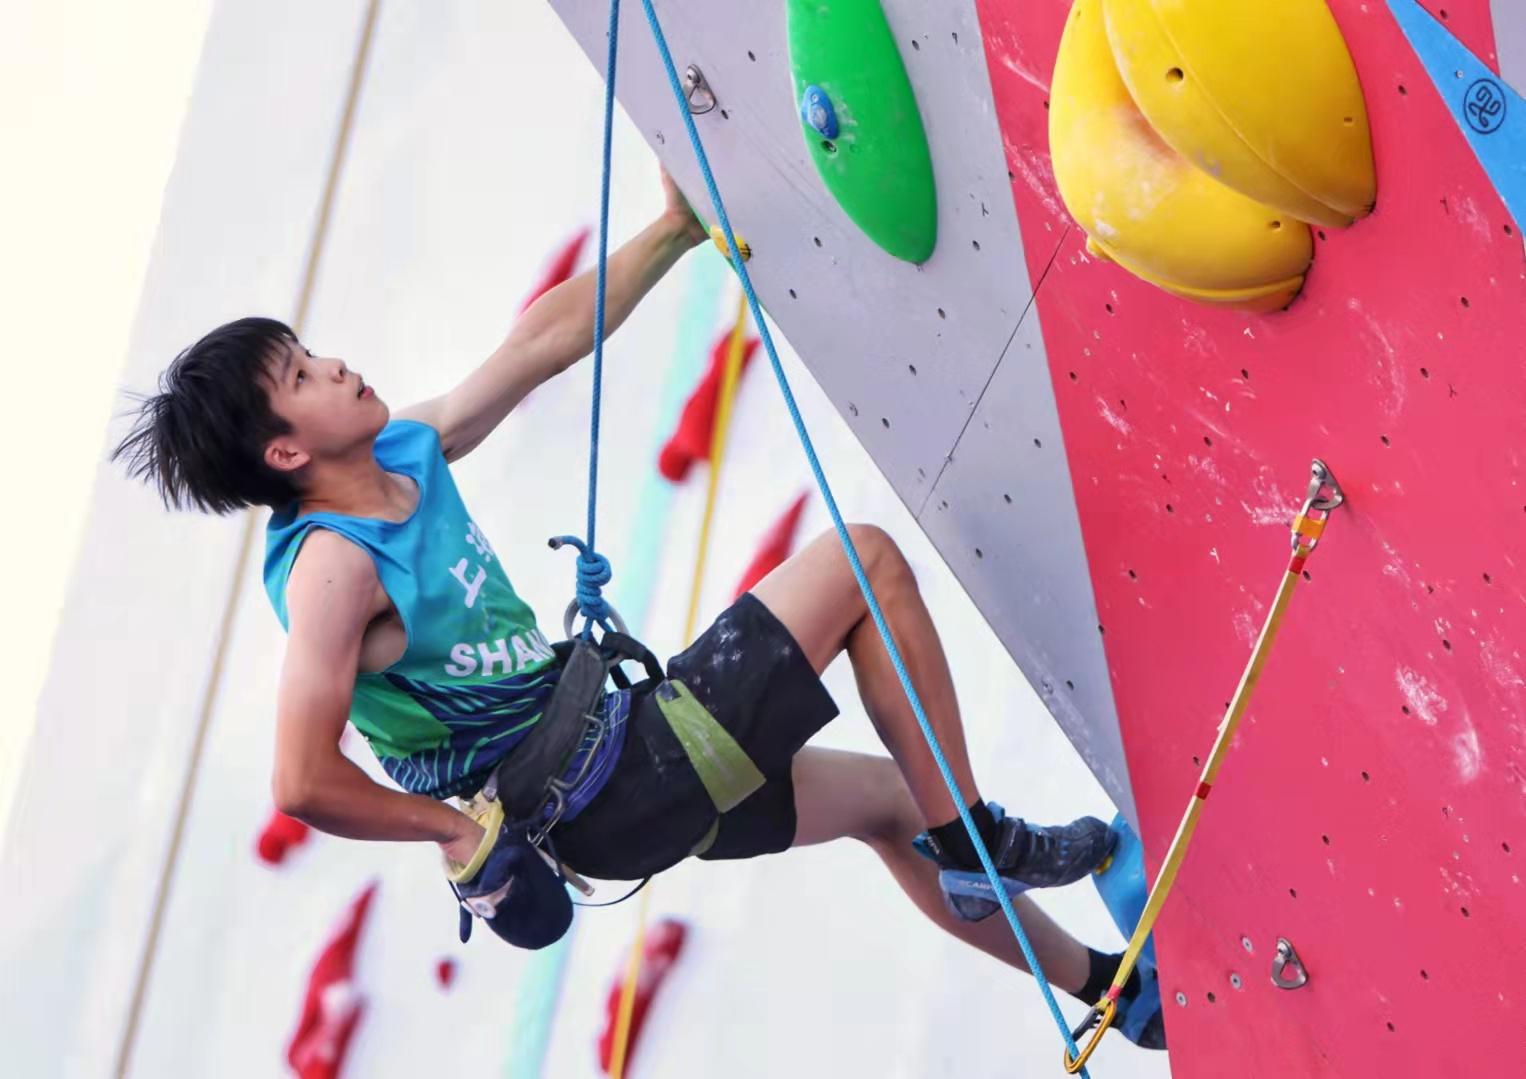 杨立豪拿下U16组男子攀岩两项全能(攀石、难度)金牌。